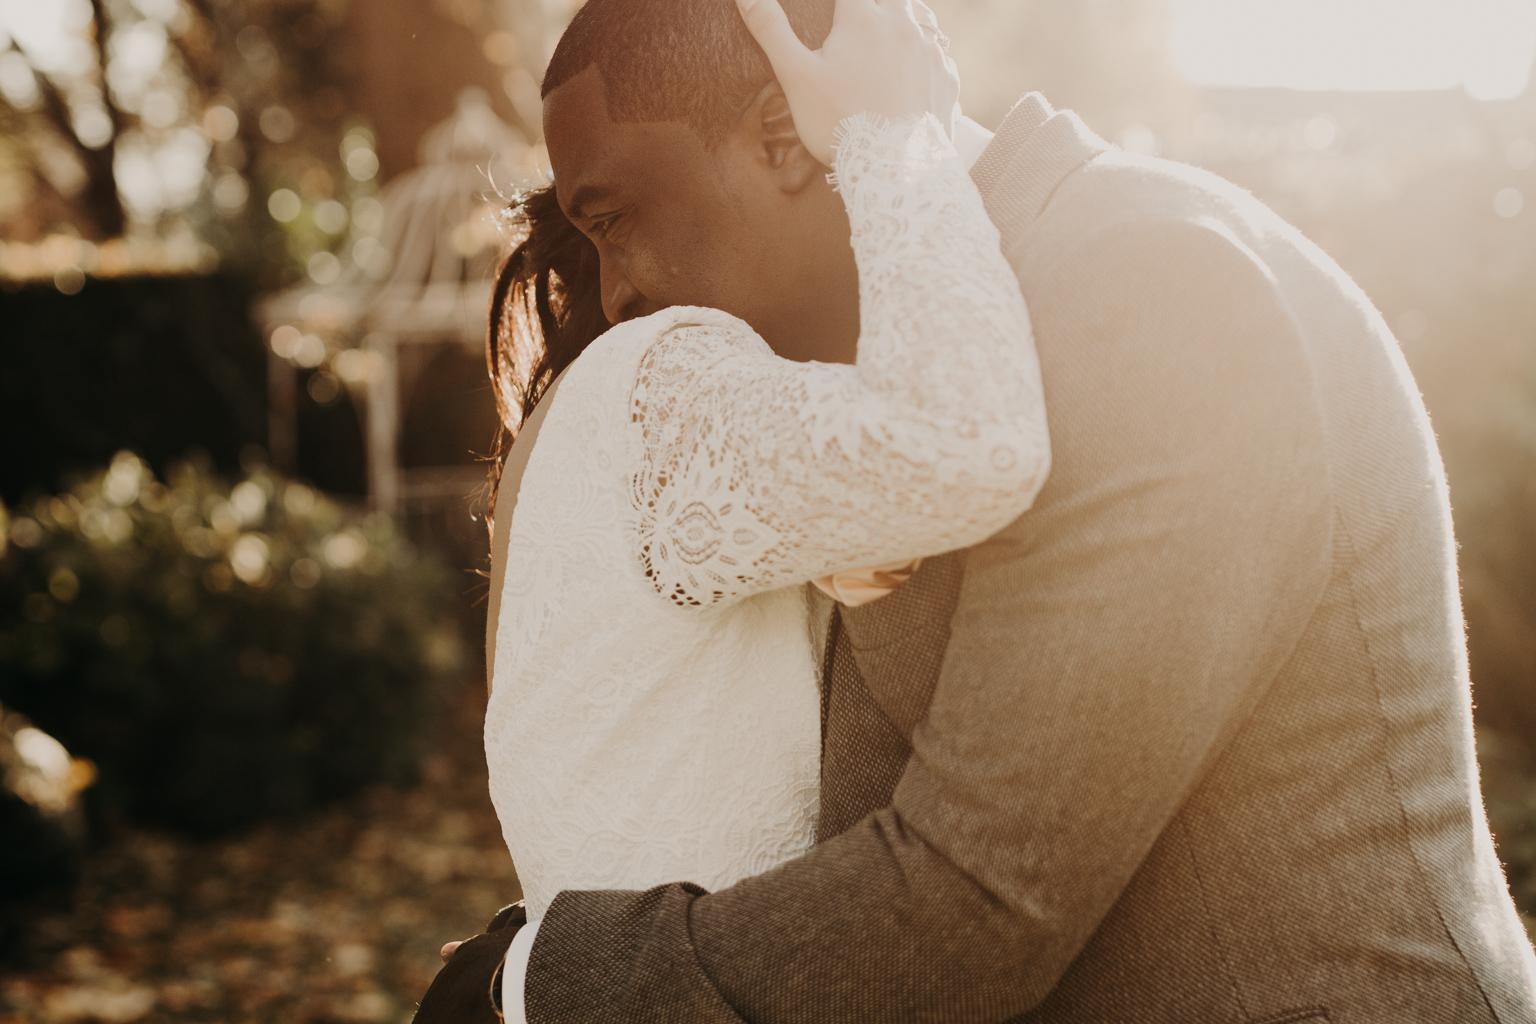 huwelijksfotografie_antwerpen_roxannedanckers-80.jpg